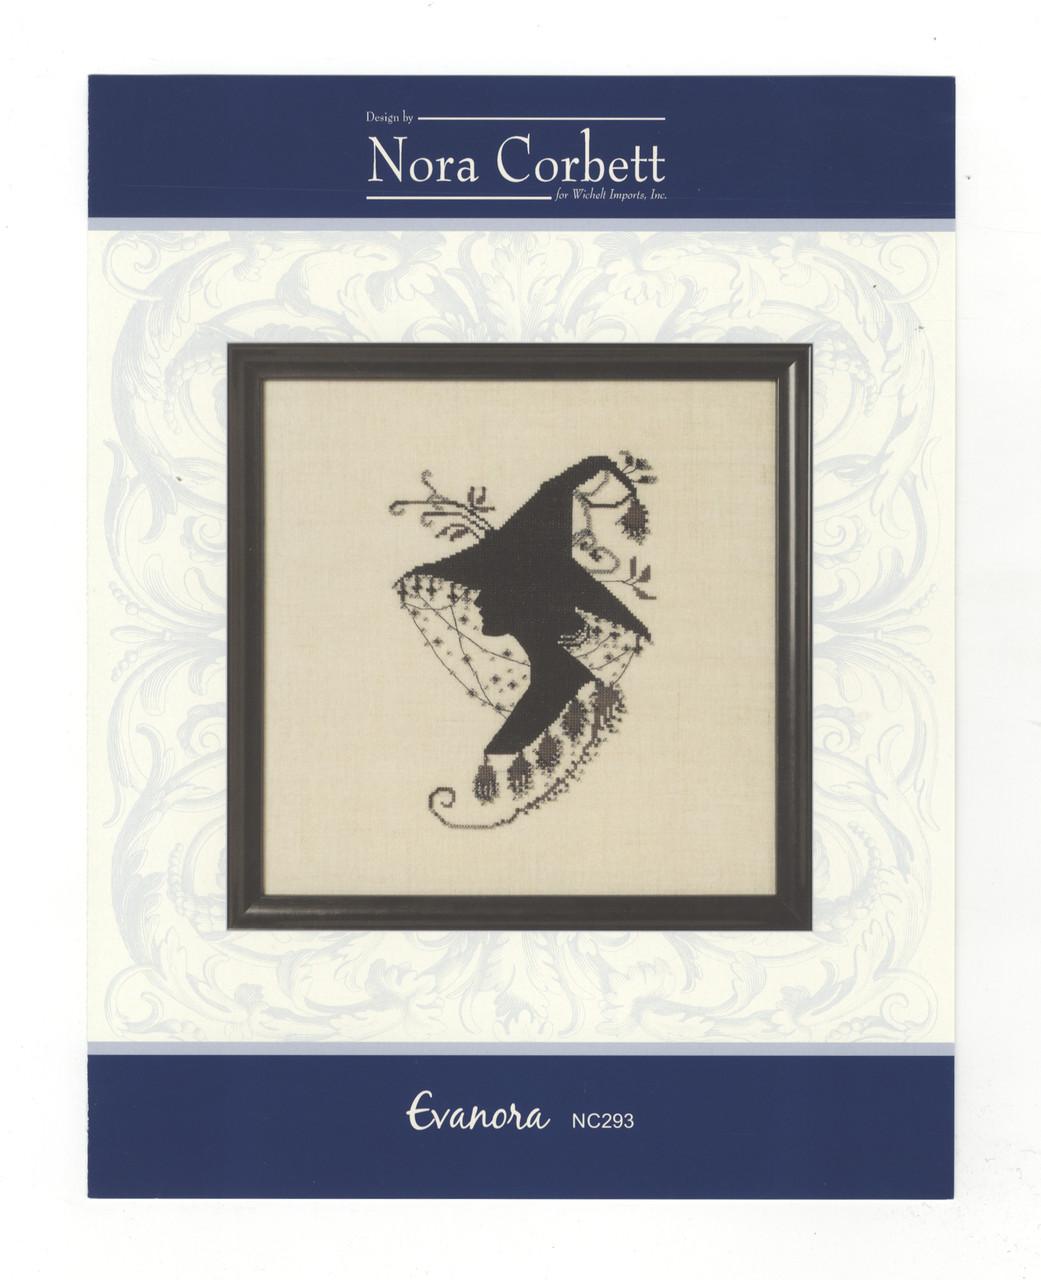 Nora Corbett Bewitching Pixies - Evanora